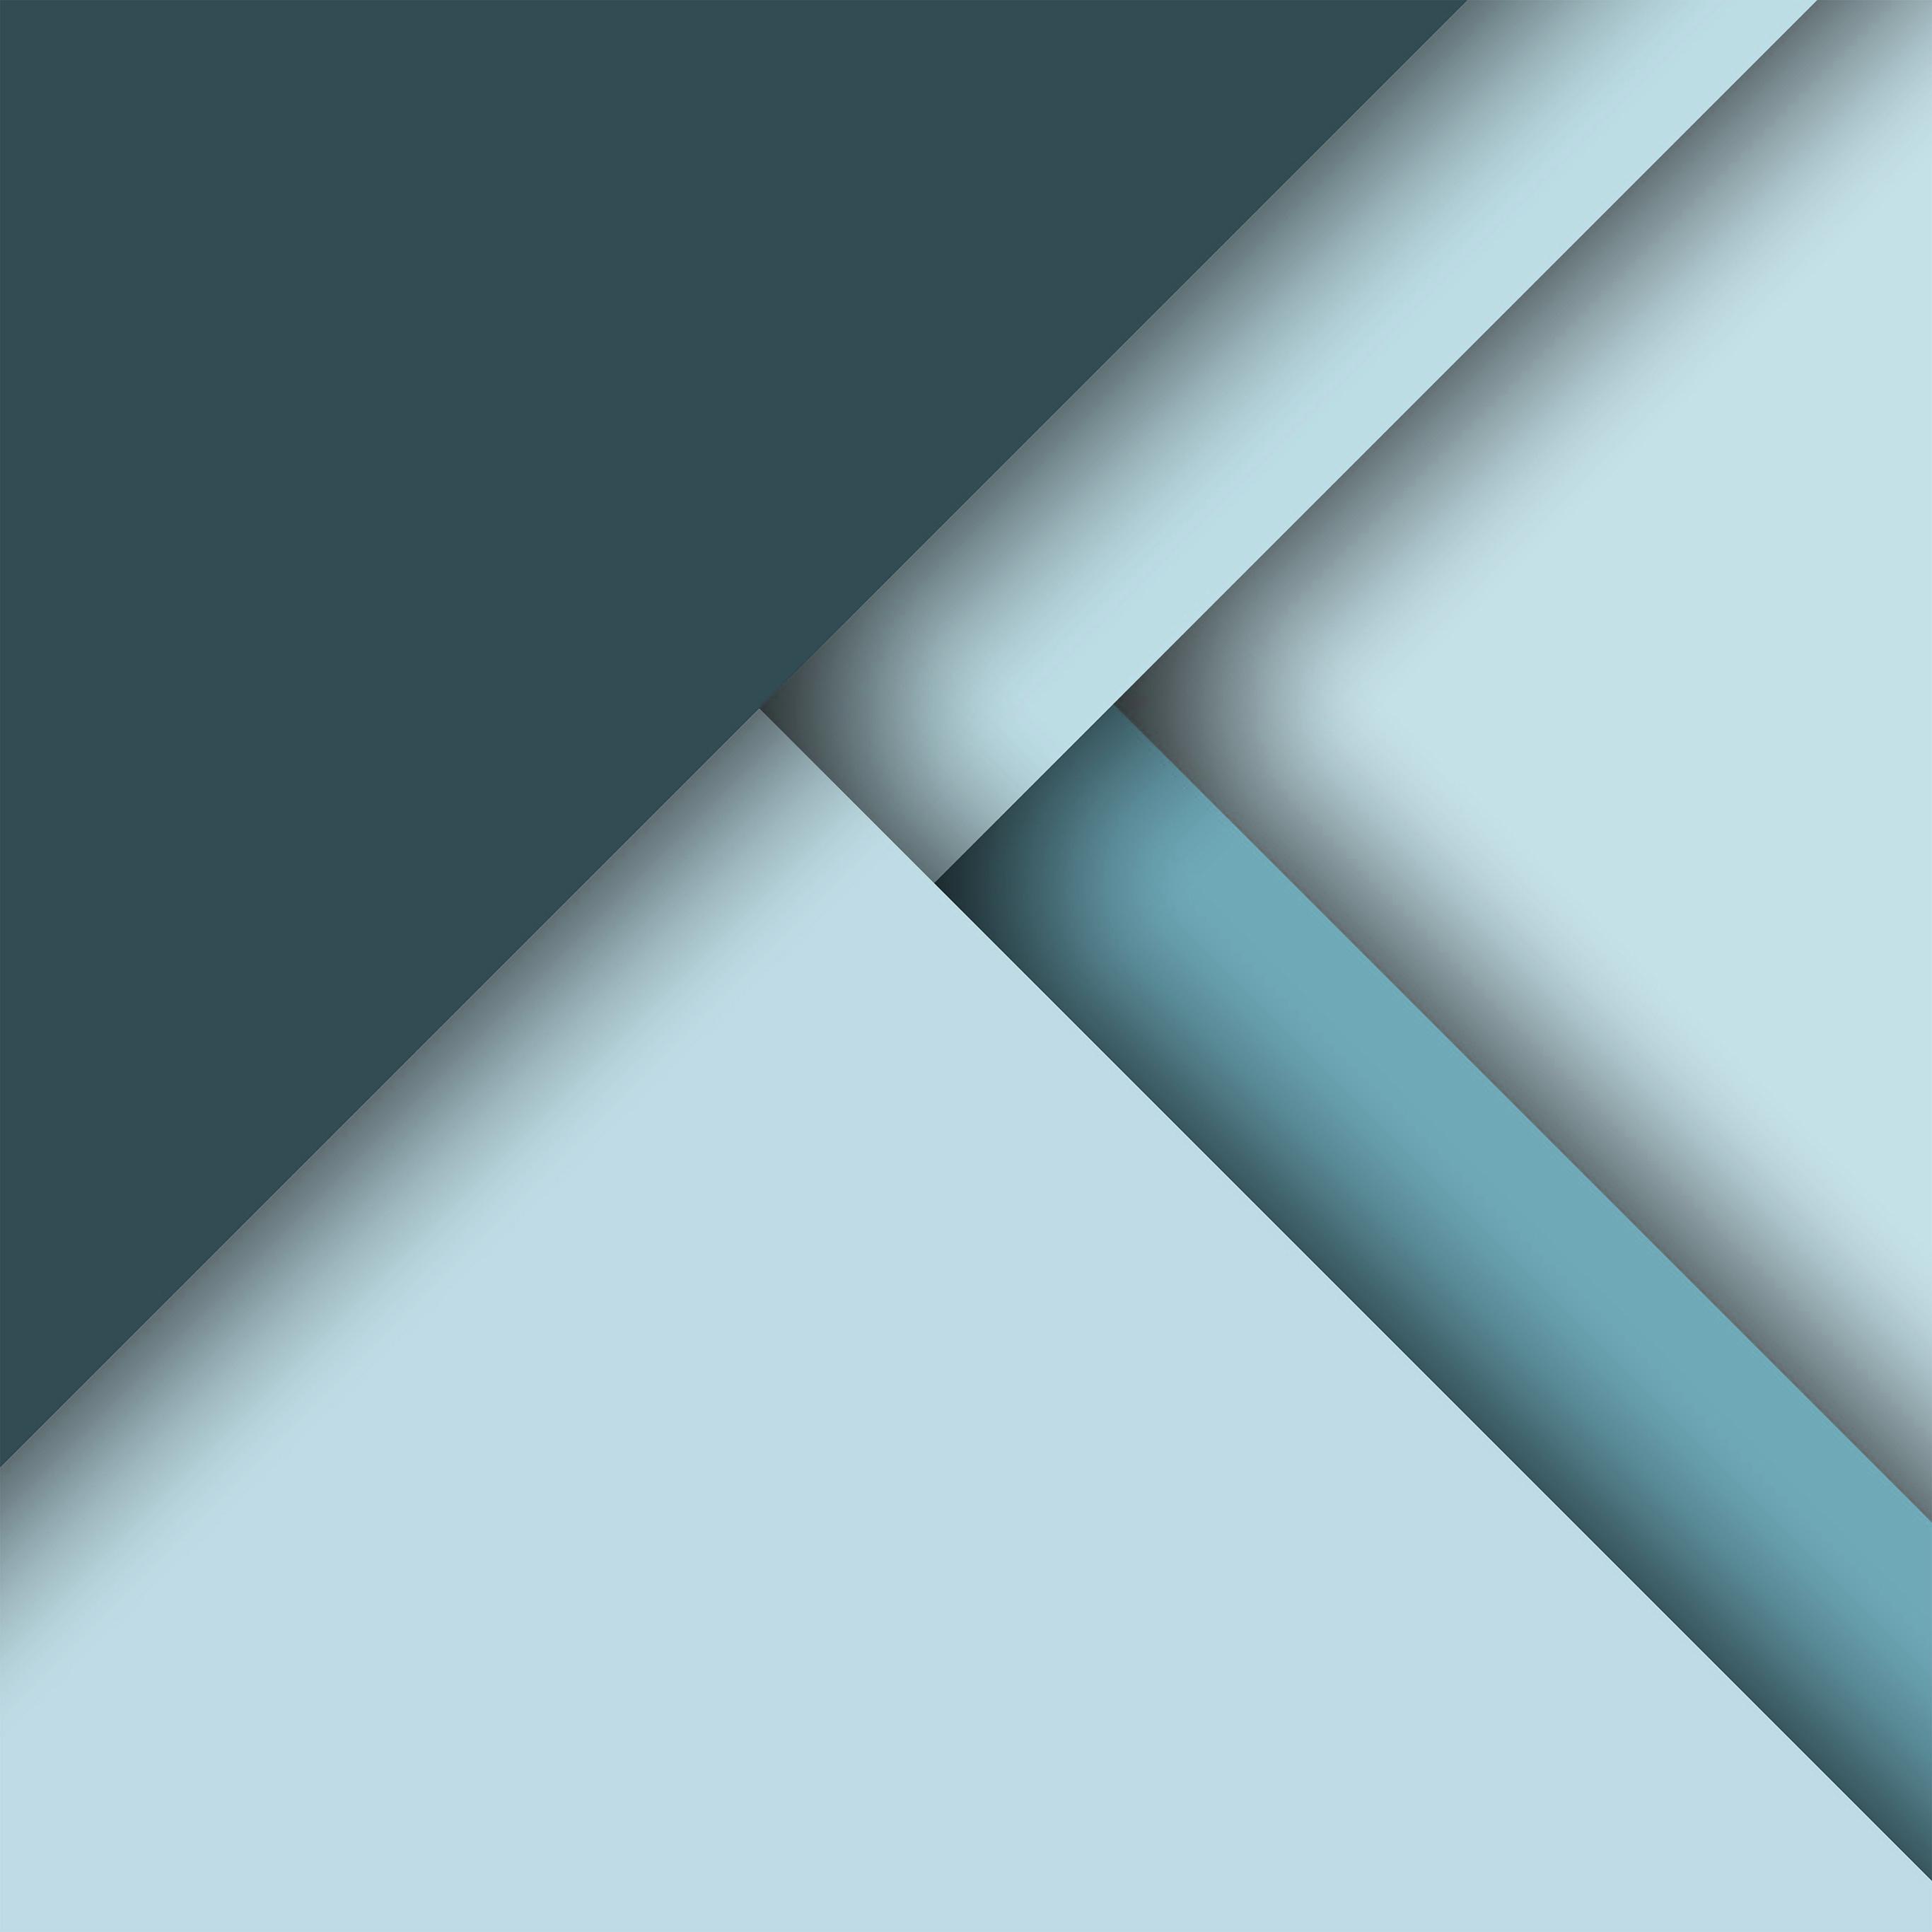 Material Design Wallpaper Iphone X Vk86 Lollipop Background Green Flat Material Pattern Wallpaper